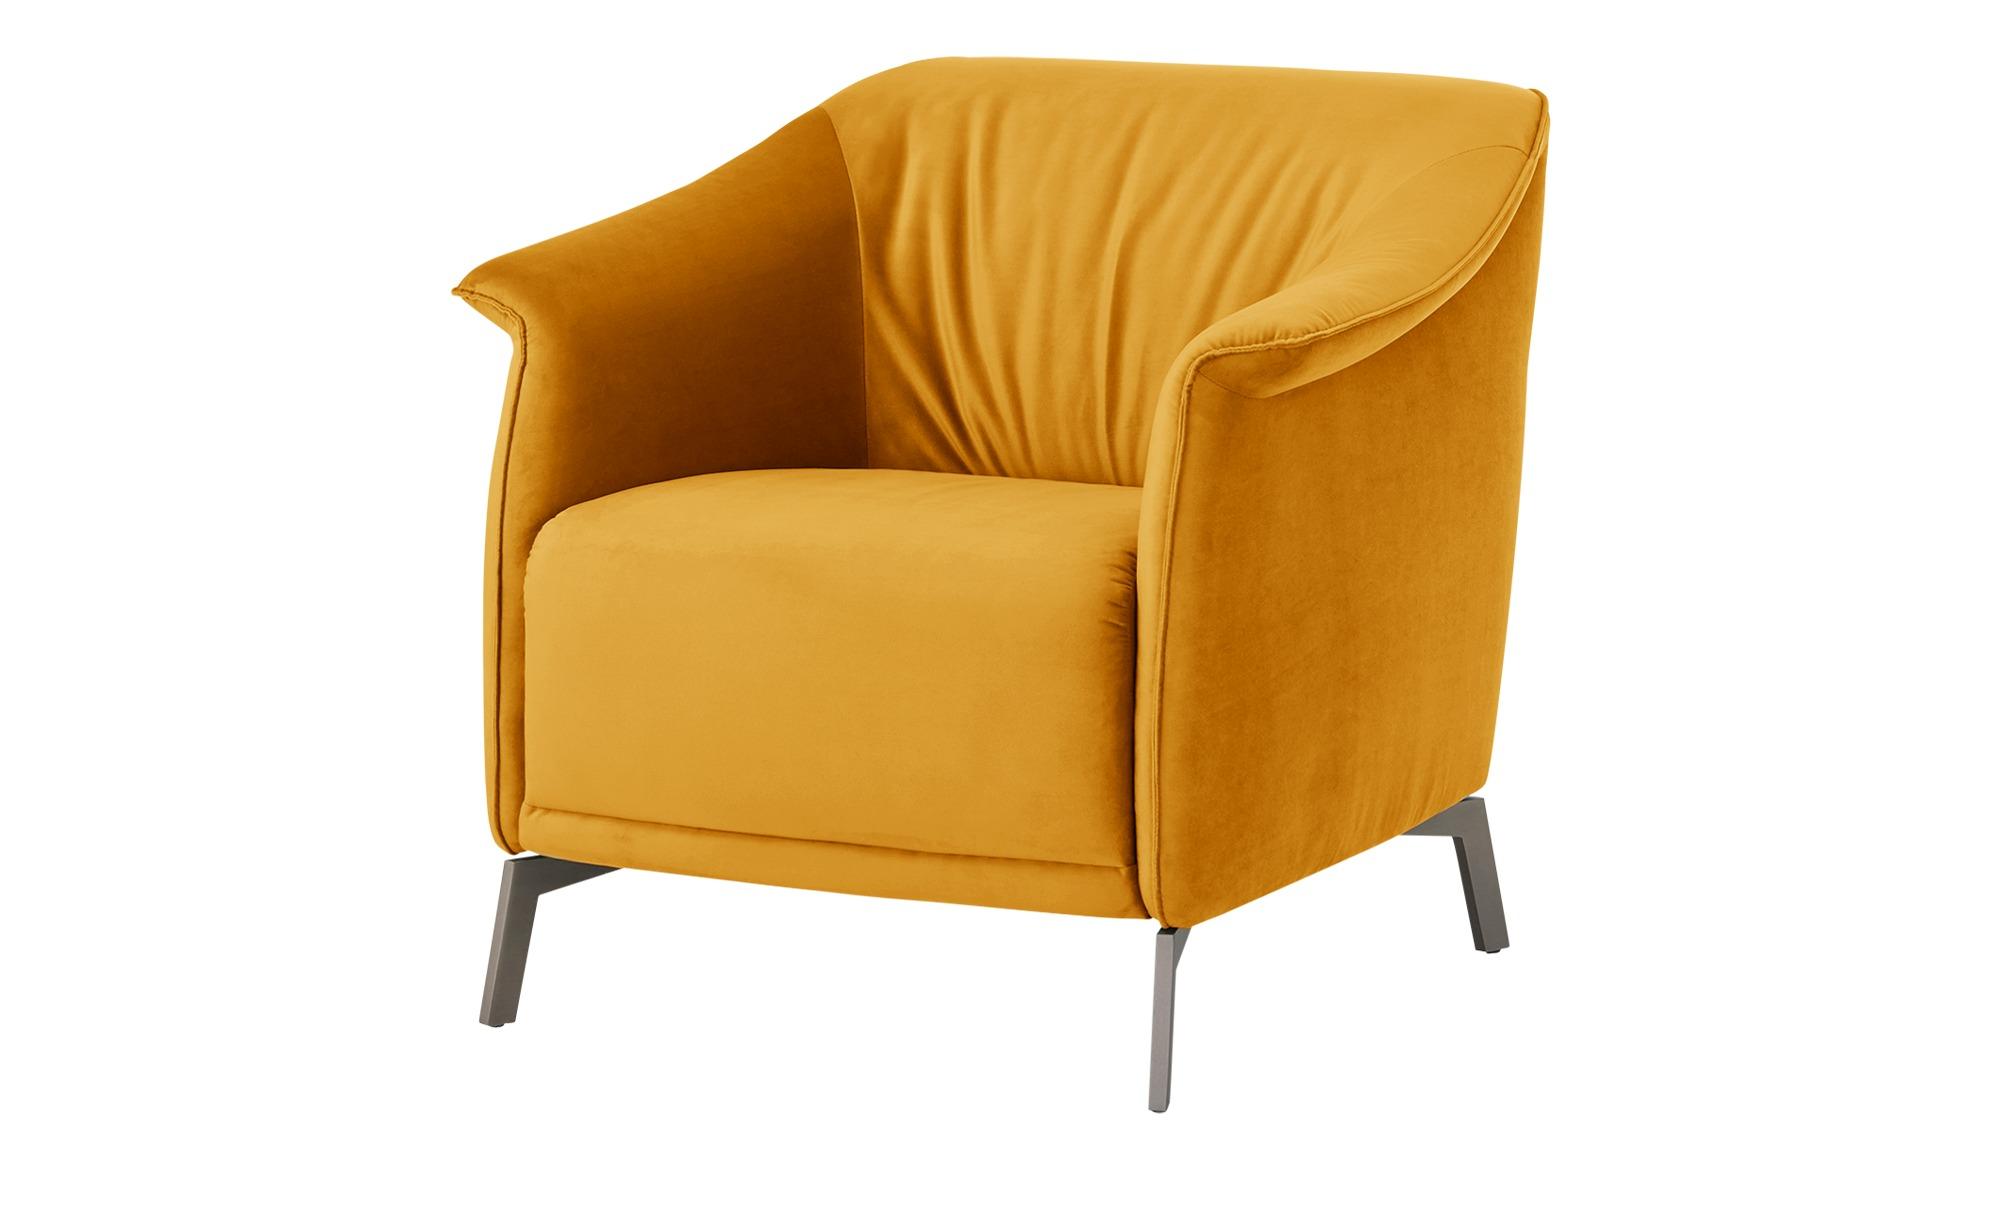 Sessel  Lamia ¦ gelb ¦ Maße (cm): B: 80 H: 77 T: 83 Polstermöbel > Sessel > Polstersessel - Höffner